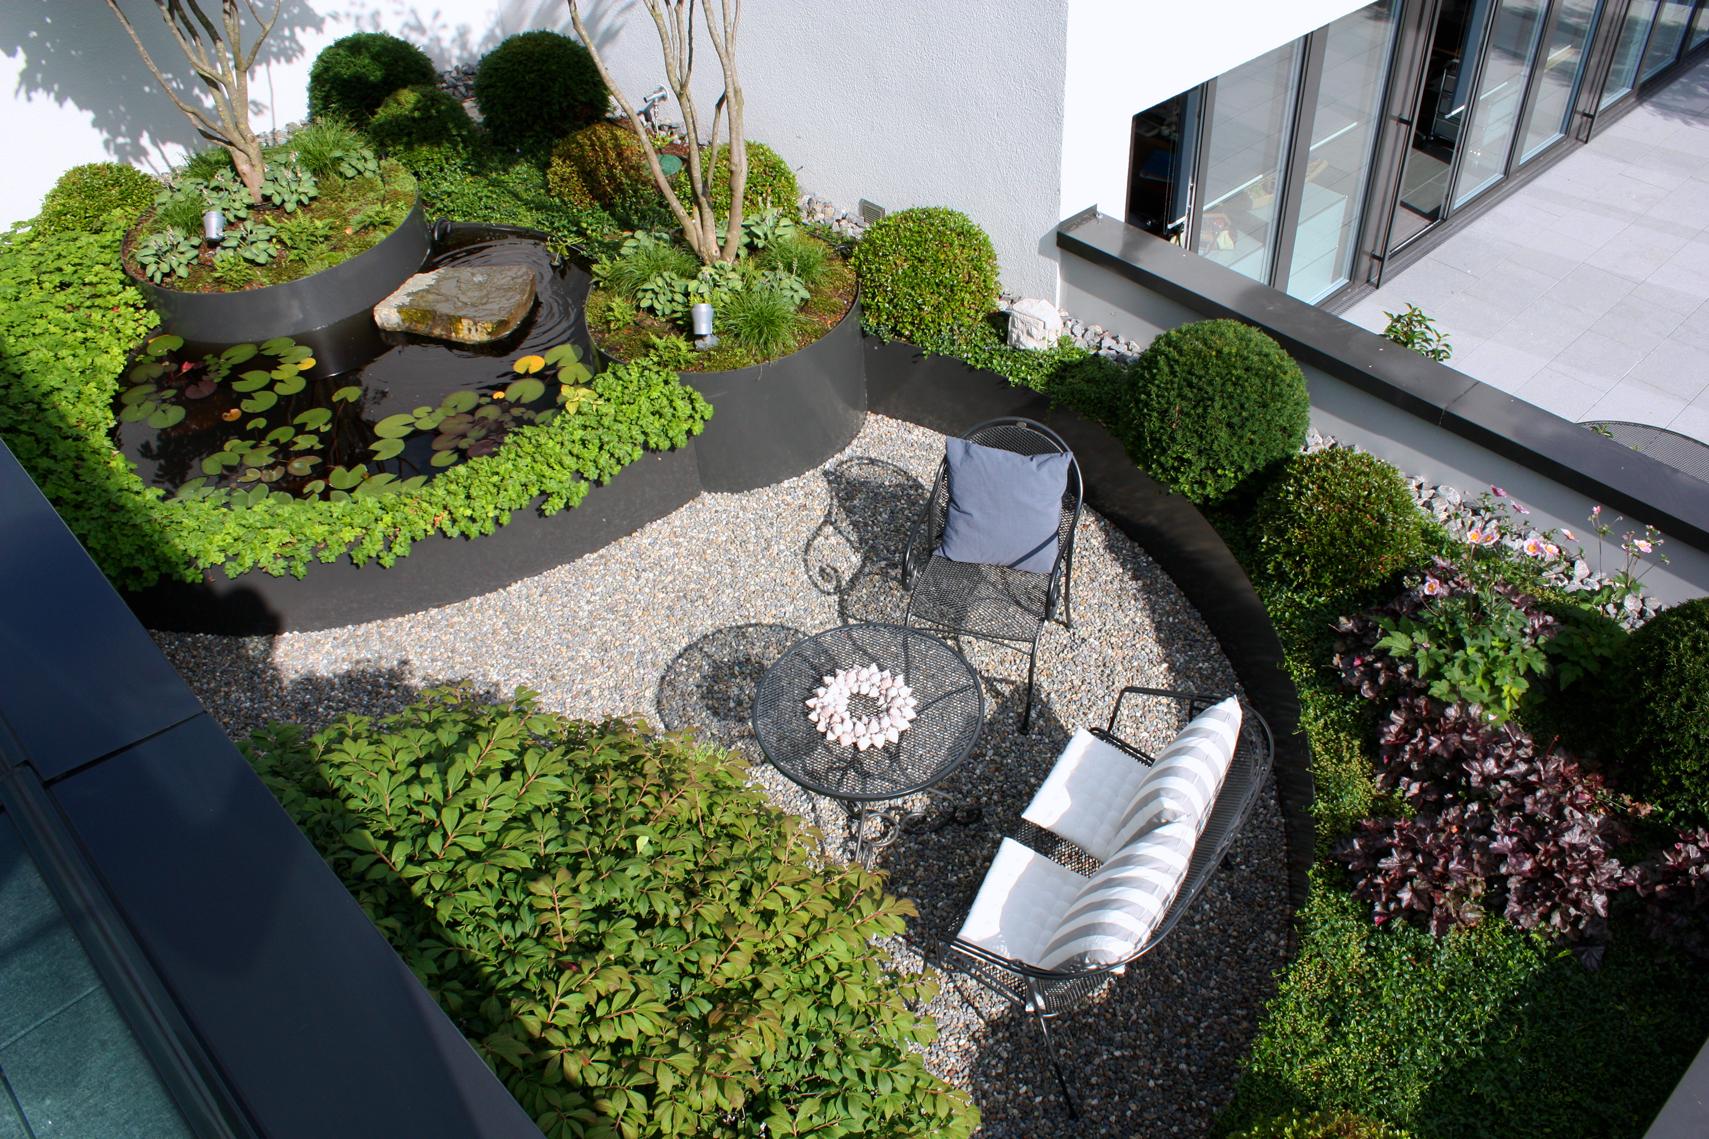 Nutzungsrecht Garten Mehrfamilienhaus : referenz mfh z rich parc 39 s gartengestaltung ~ Lizthompson.info Haus und Dekorationen